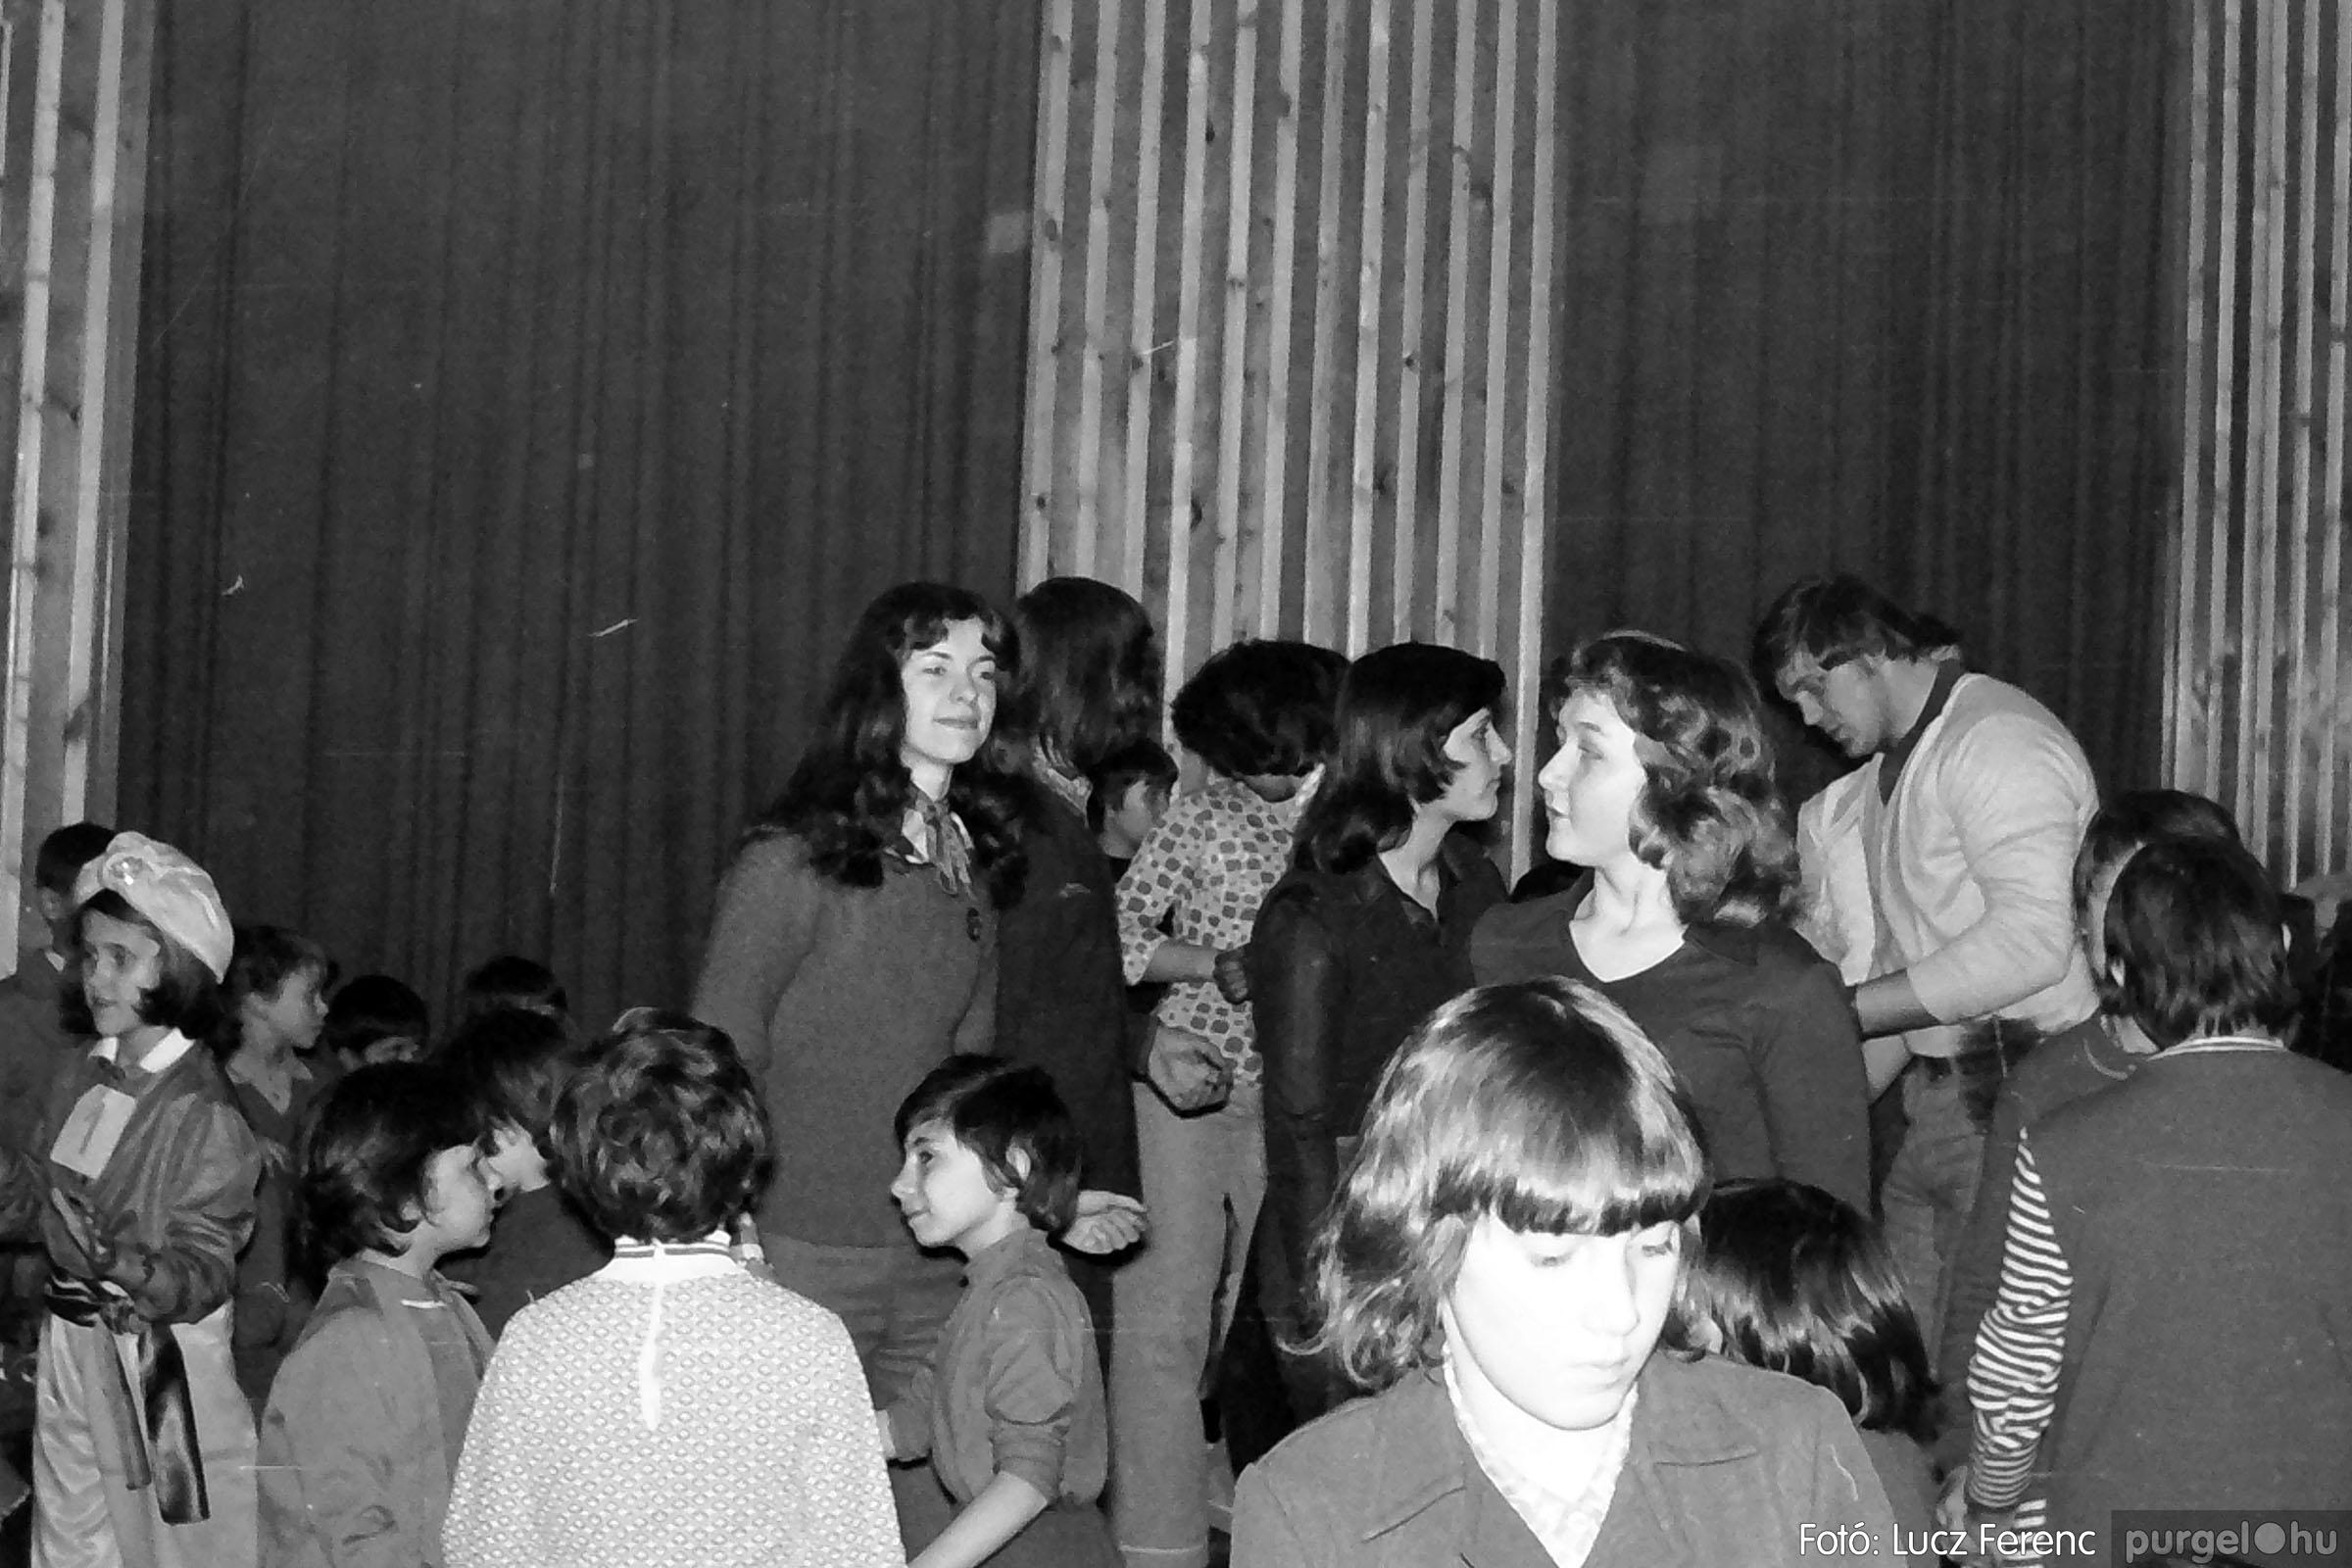 035. 1976. Iskolai farsang a kultúrházban 019 - Fotó: Lucz Ferenc.jpg